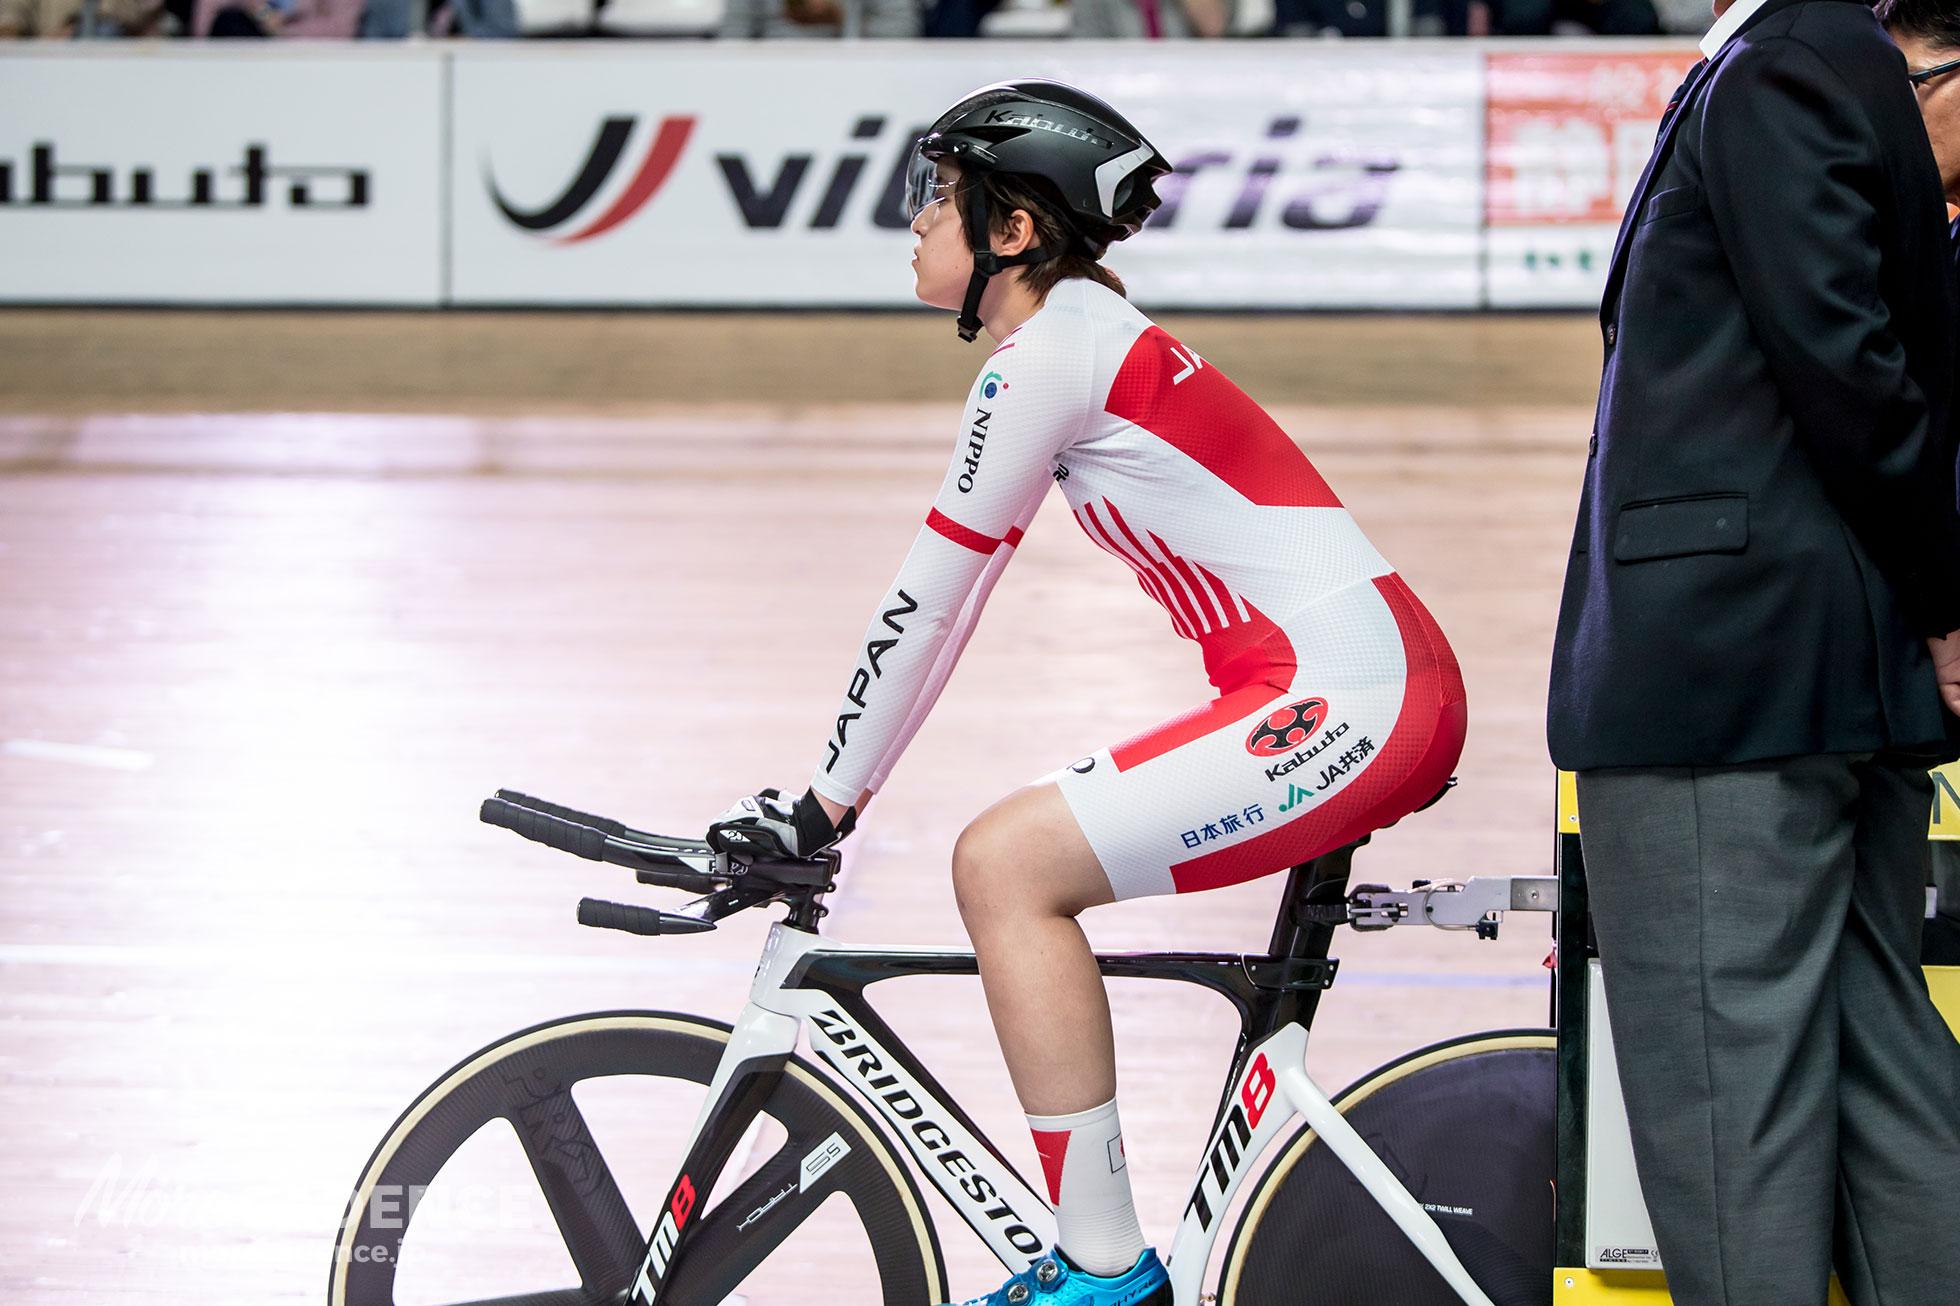 500m TT:藤田美穂